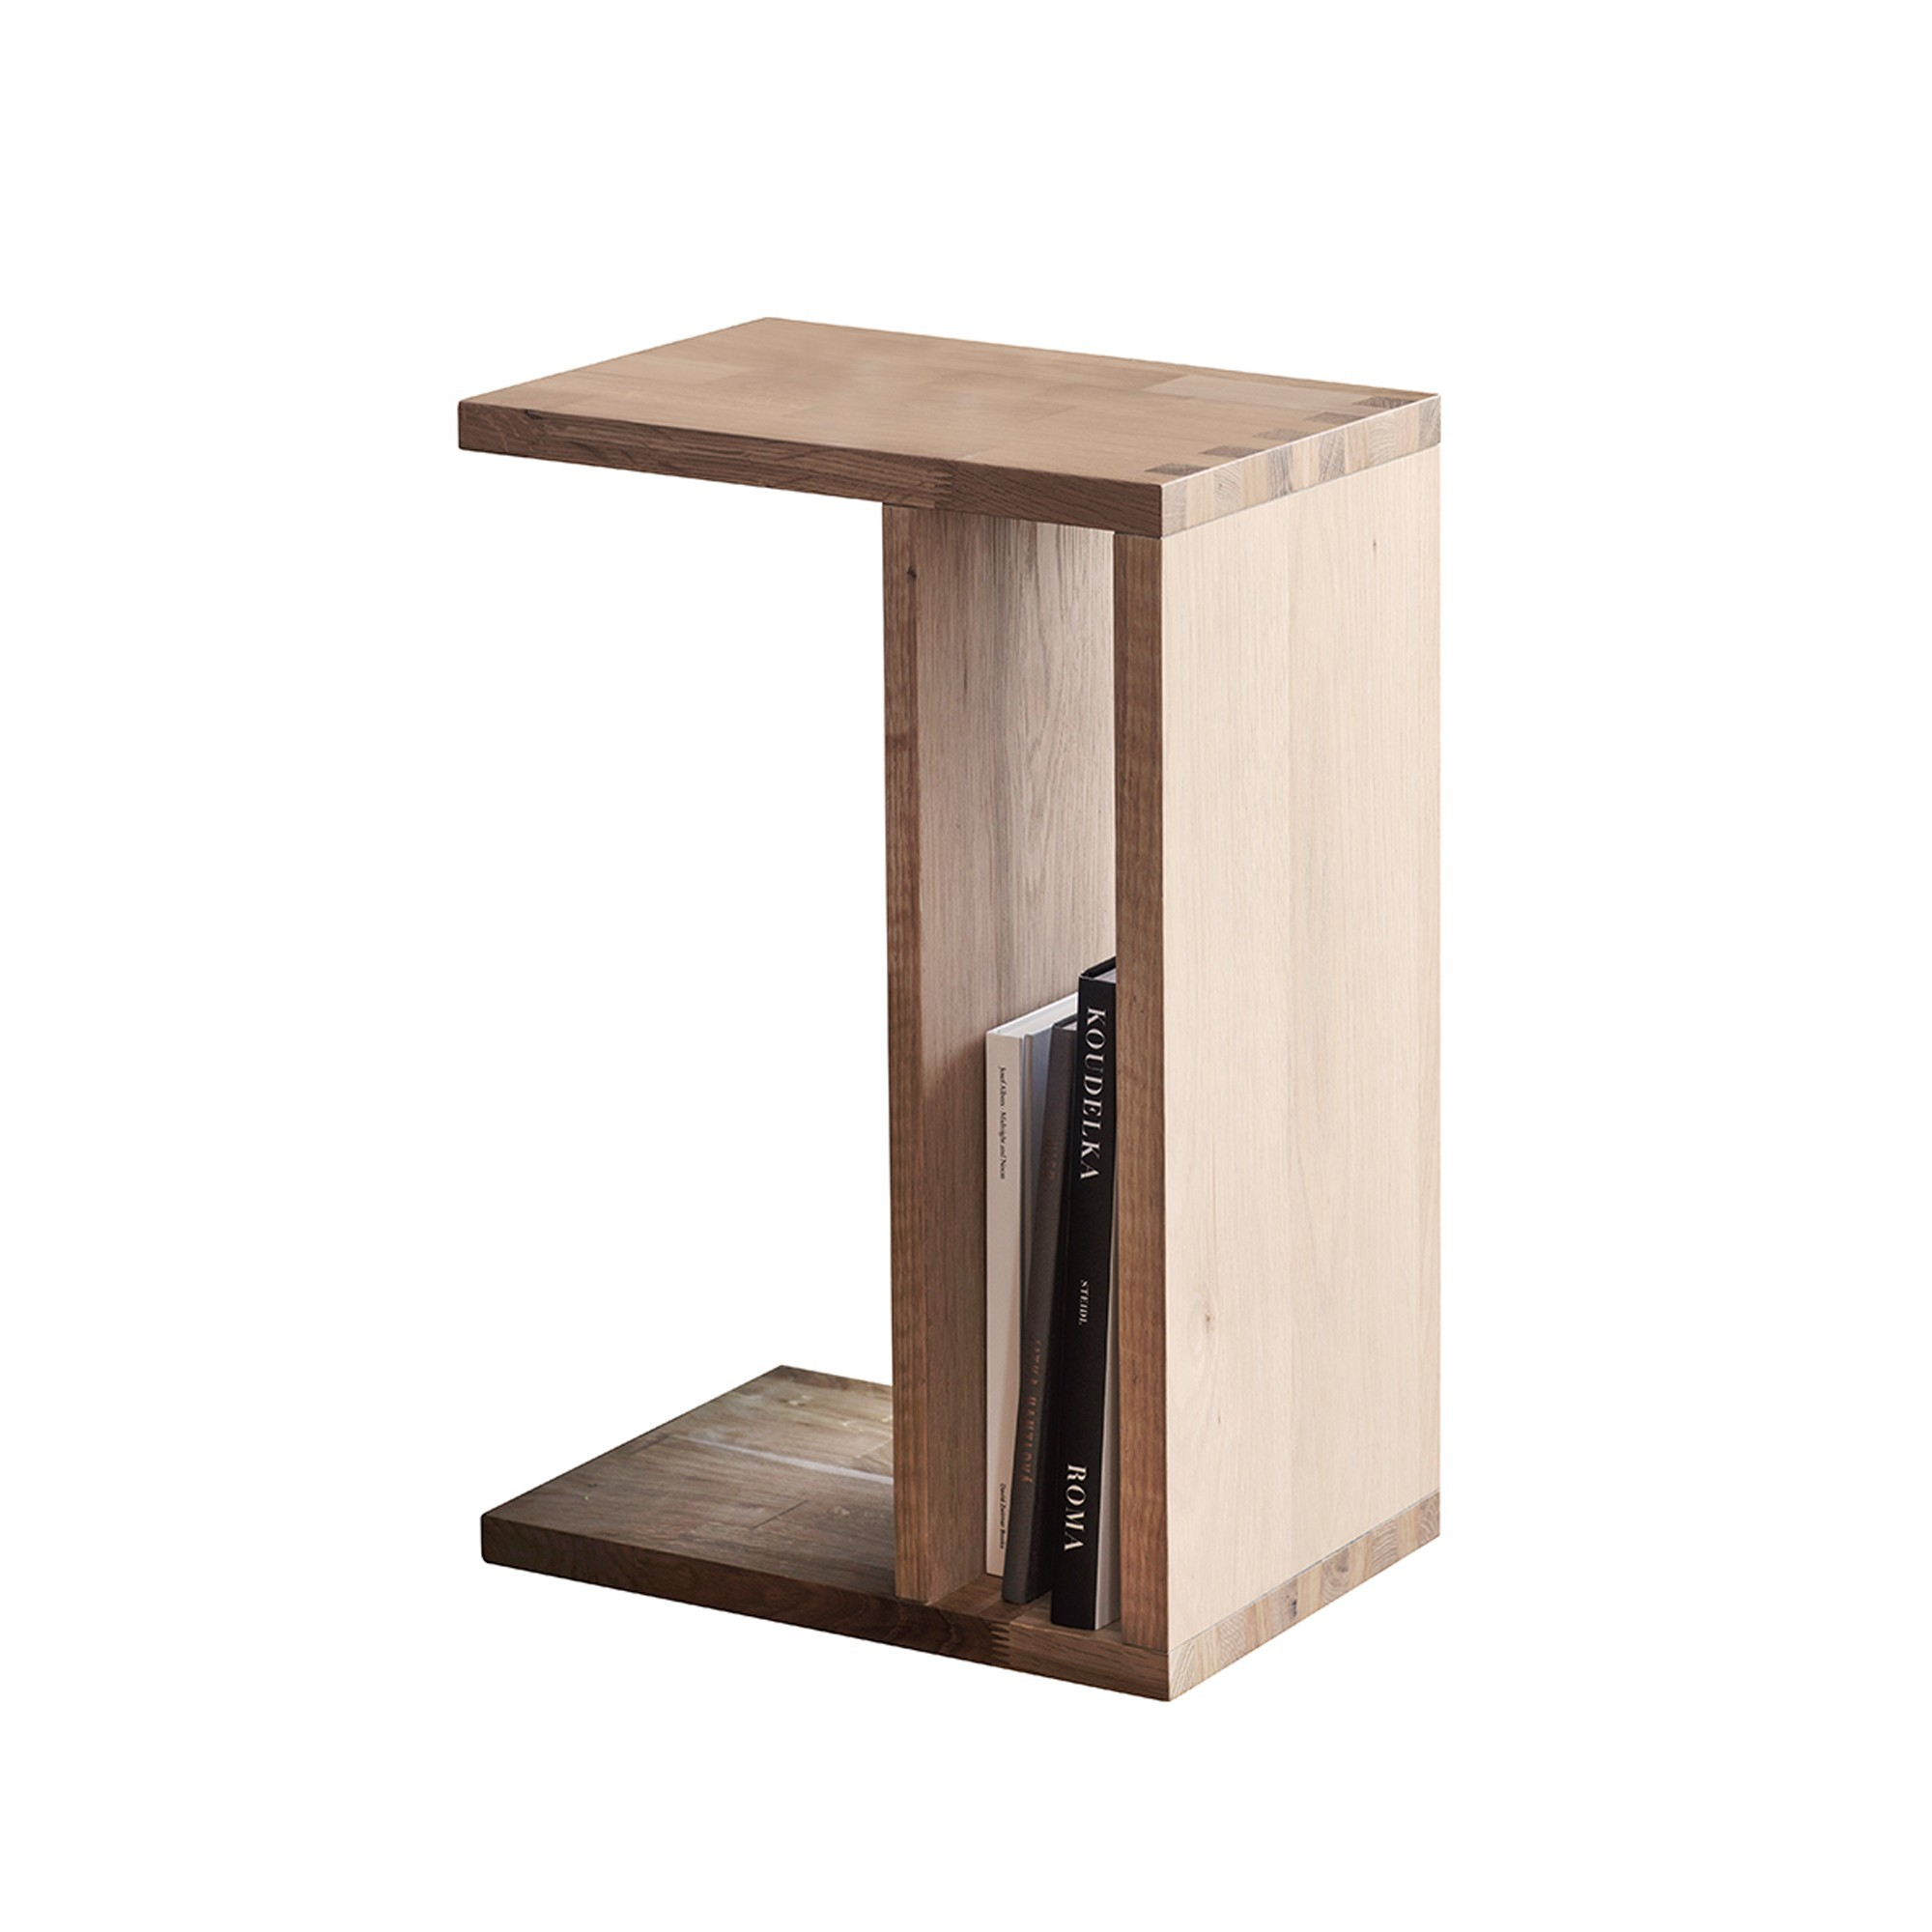 Kielder Oak Timber C-shape Side Table